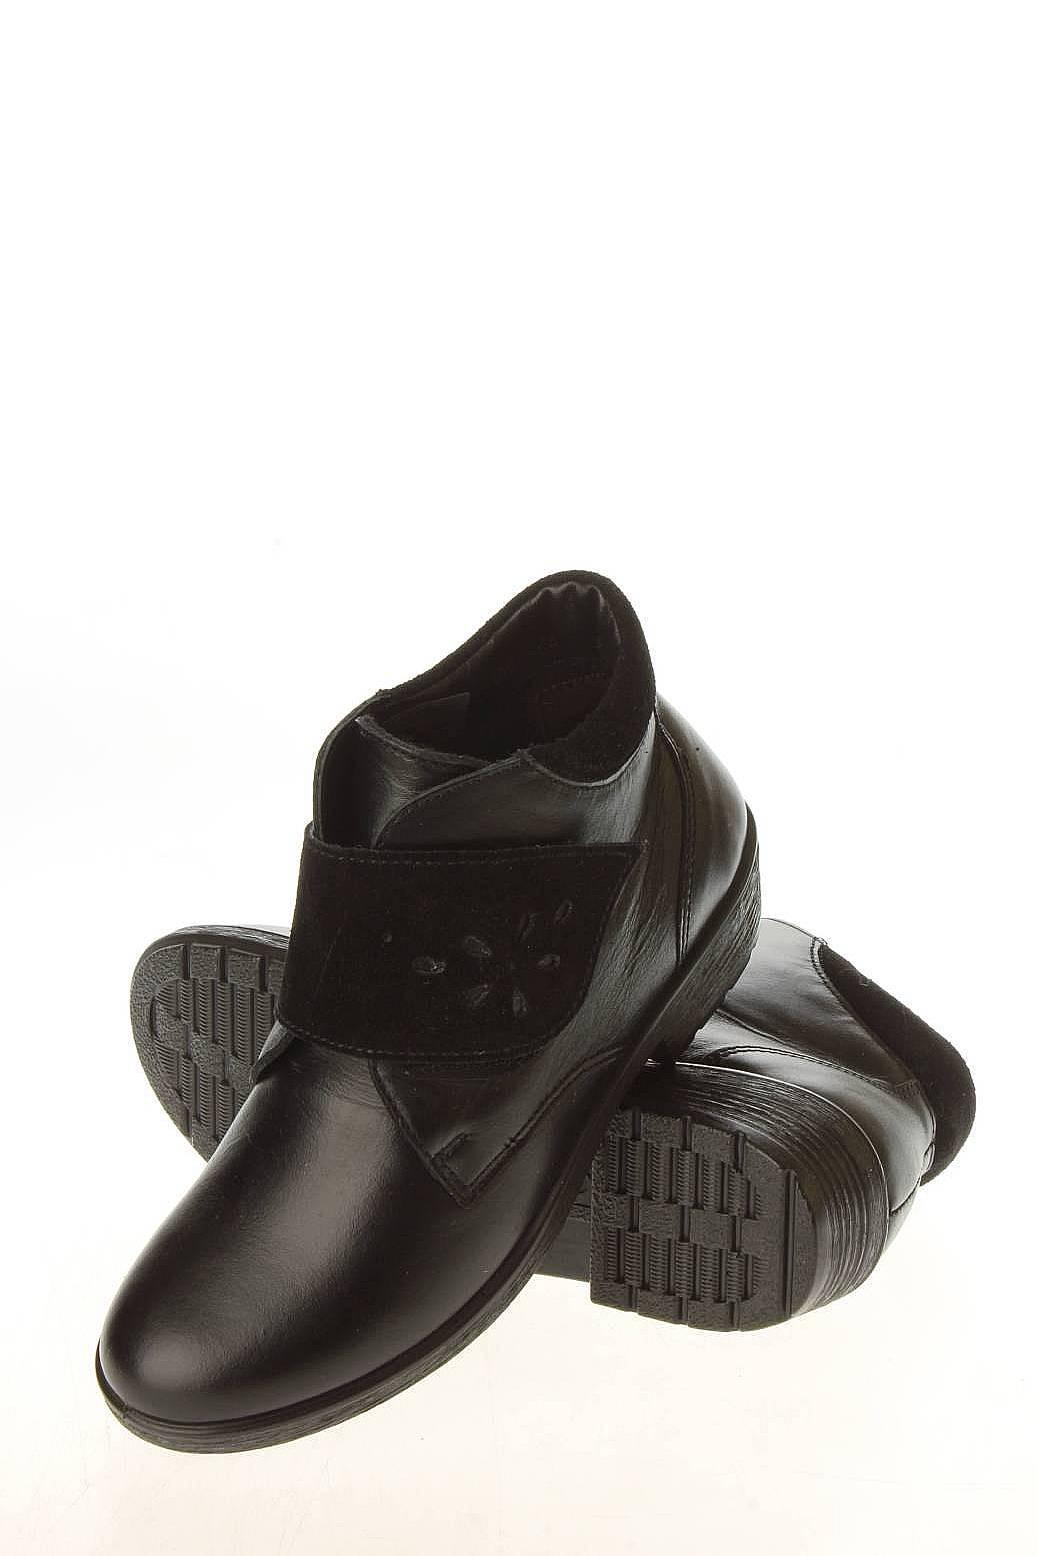 Мужская Обувь Детская Обувь Ботинки, Ботильоны: Otiko Обувь